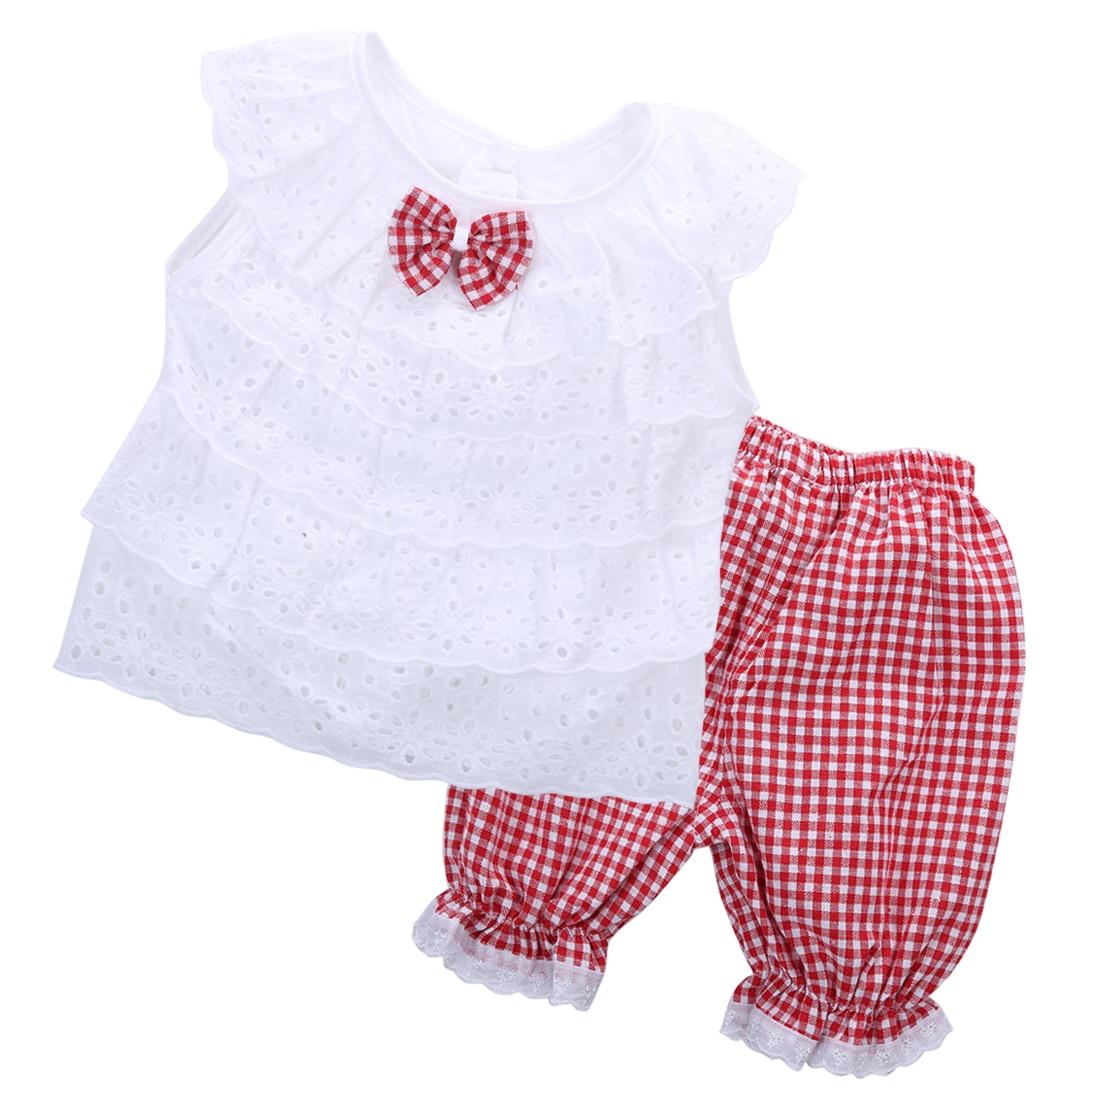 47ee9915ffca7 طفل 2 قطع مجموعة الملابس! 2016 أزياء طفل أطفال الطفلات الصيف الزي ملابس  الرباط القمم + منقوشة السراويل